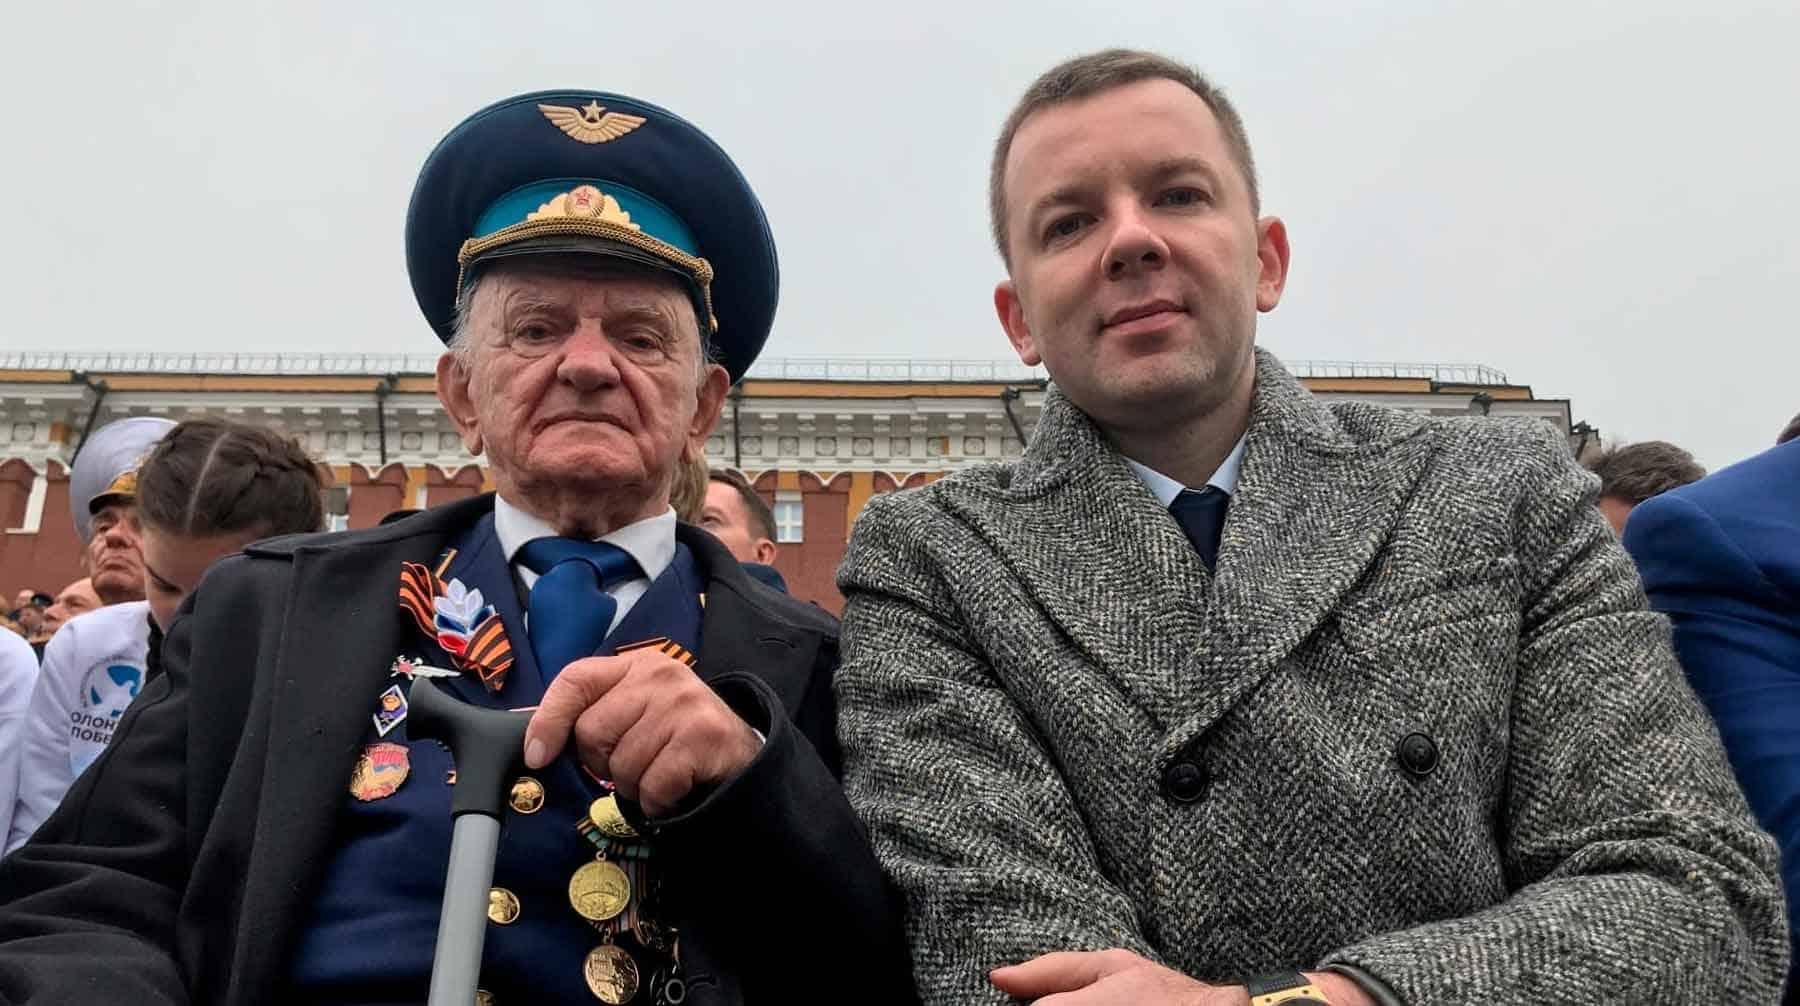 Внуку ветерана Игната Артеменко оскорбленного Навальным, поступают угрозы